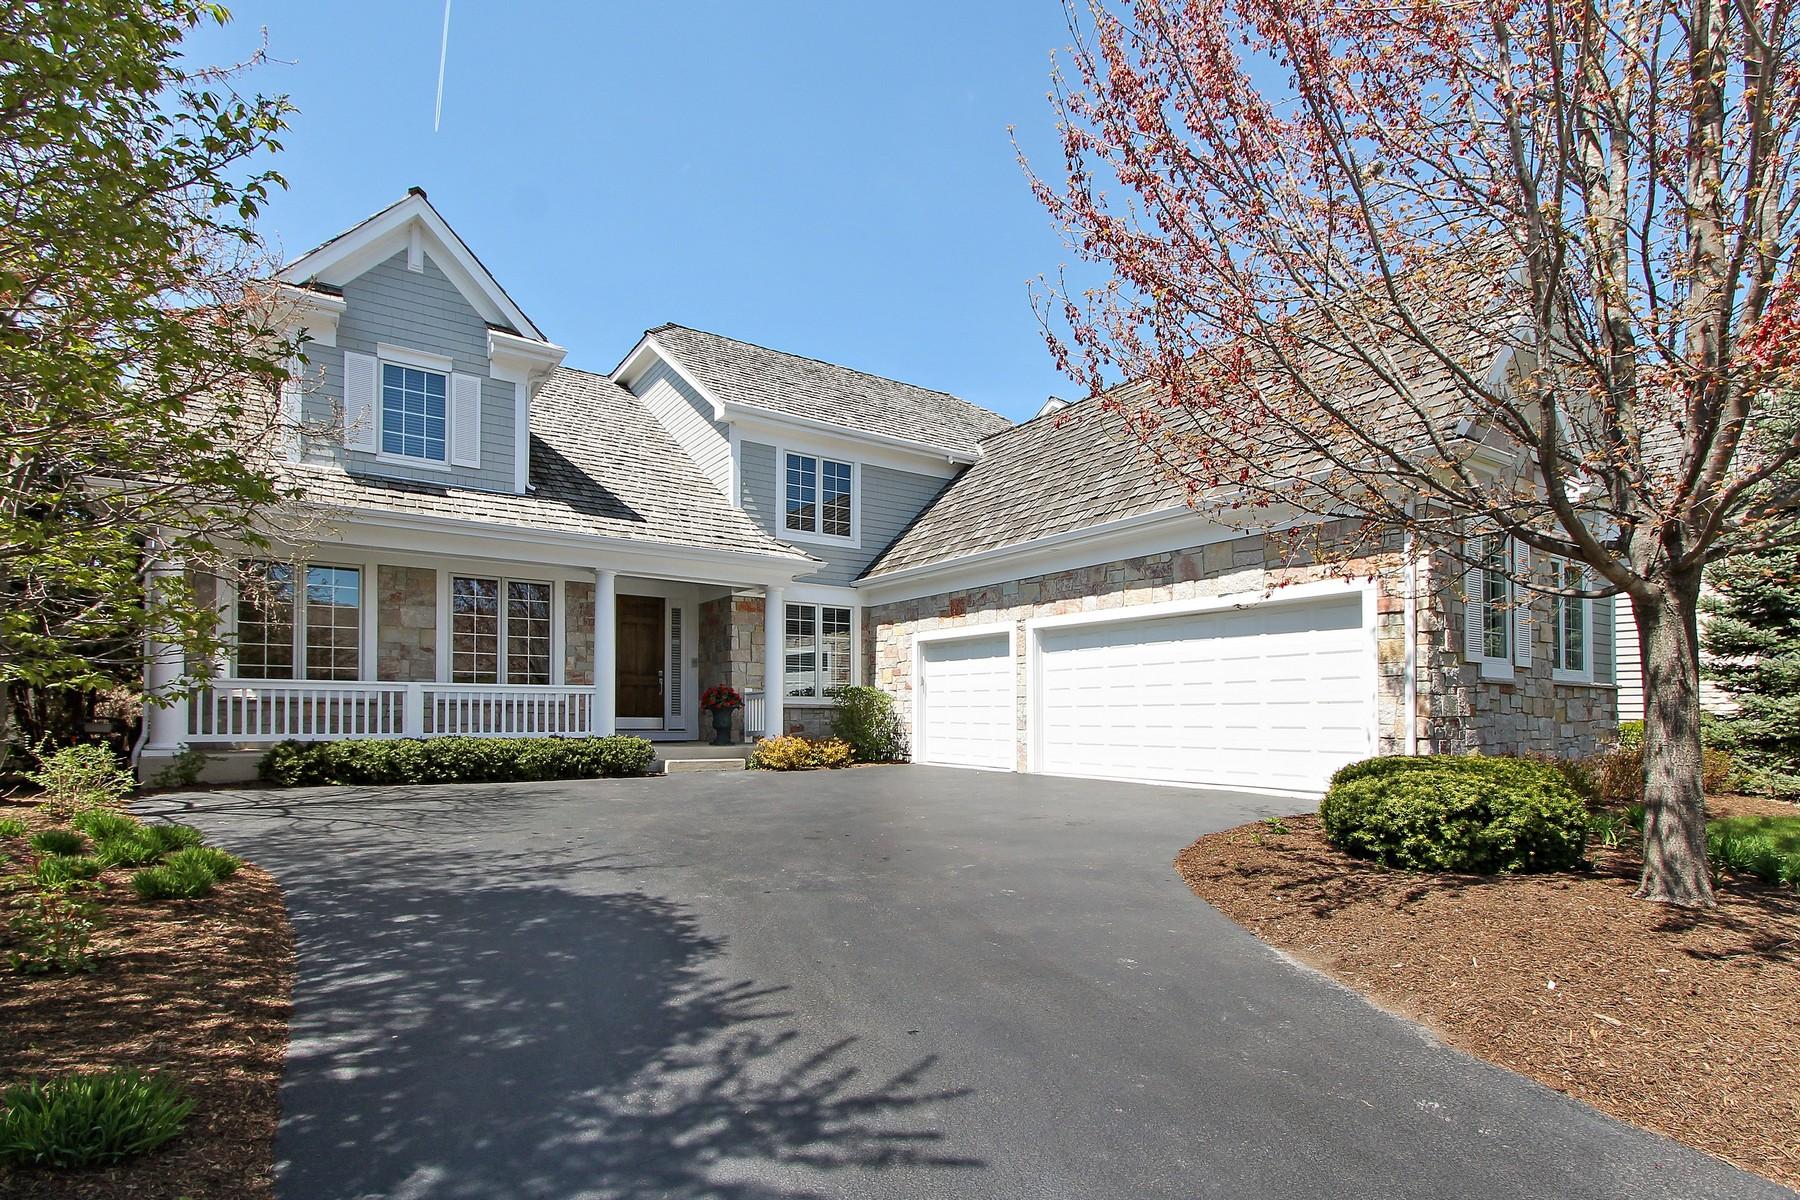 Moradia para Venda às Gorgeous Country Home 23 Dunhill Lane North Barrington, Illinois, 60010 Estados Unidos